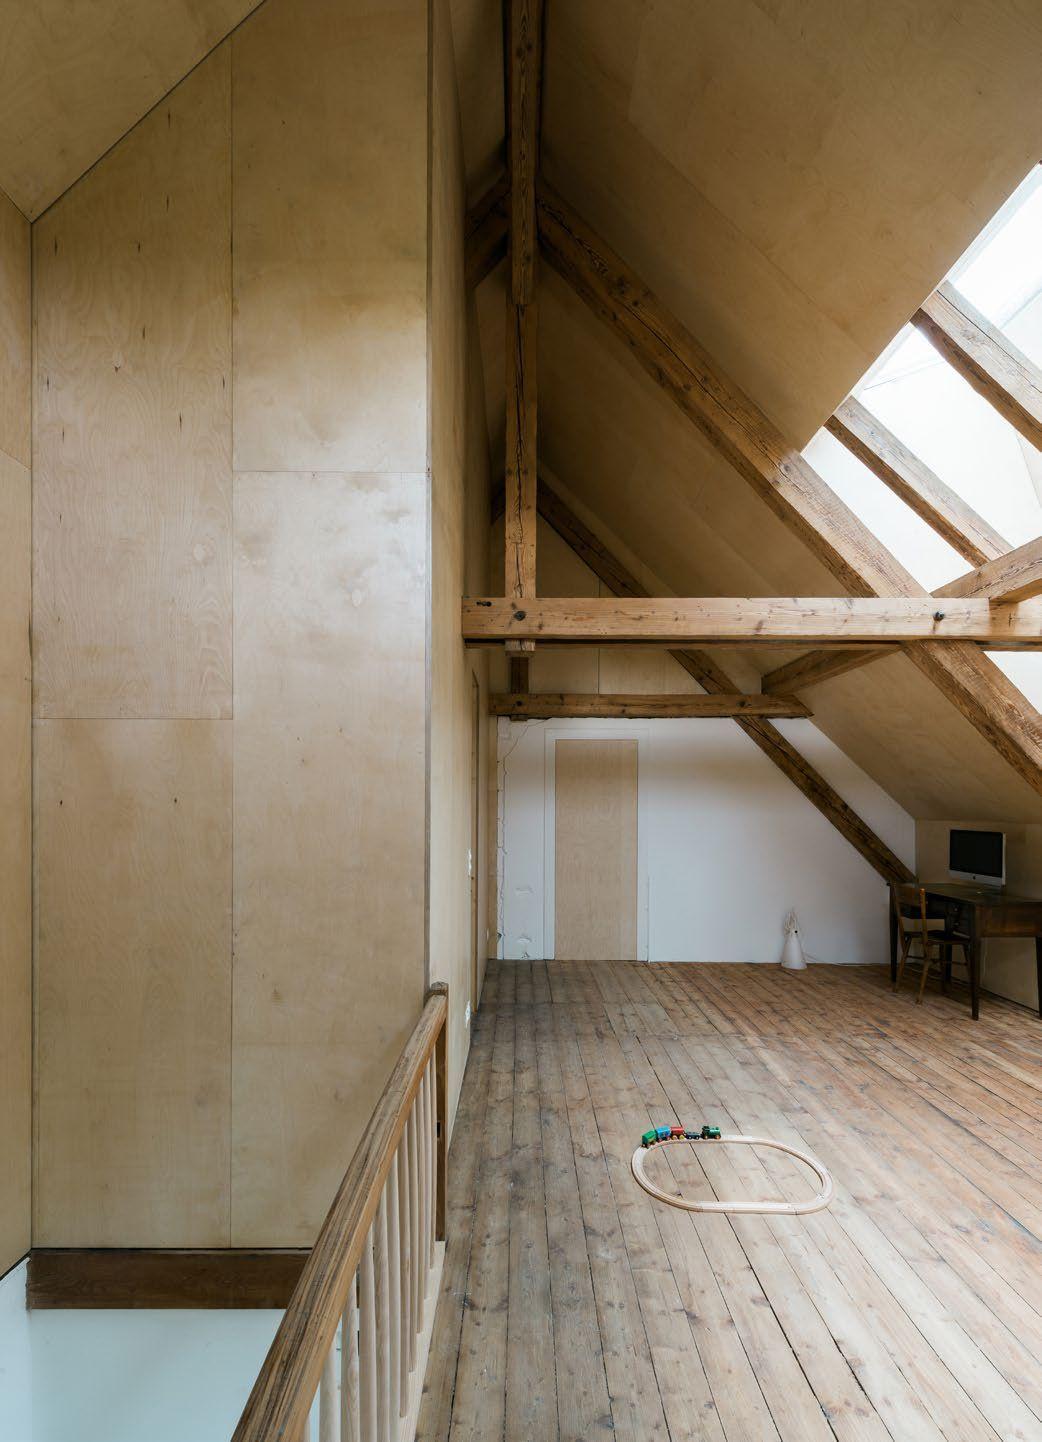 Att Architekten conversion in brugg windisch is a minimalist renovation located in